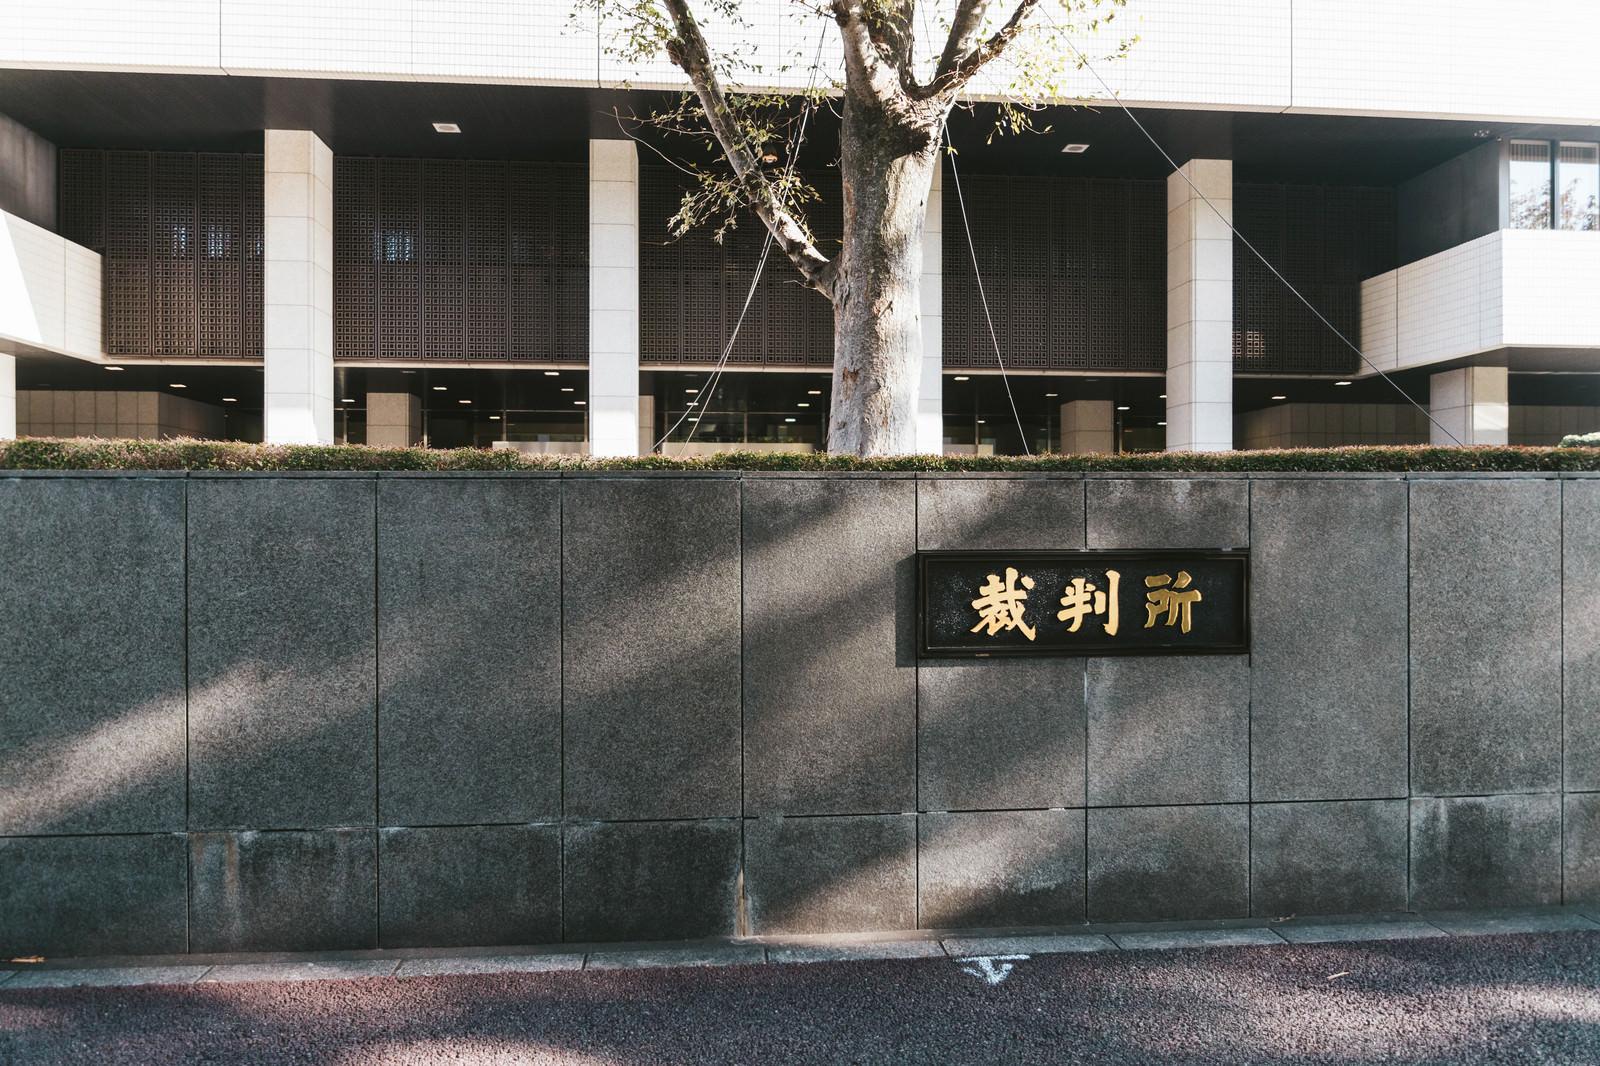 「裁判所前の様子」の写真